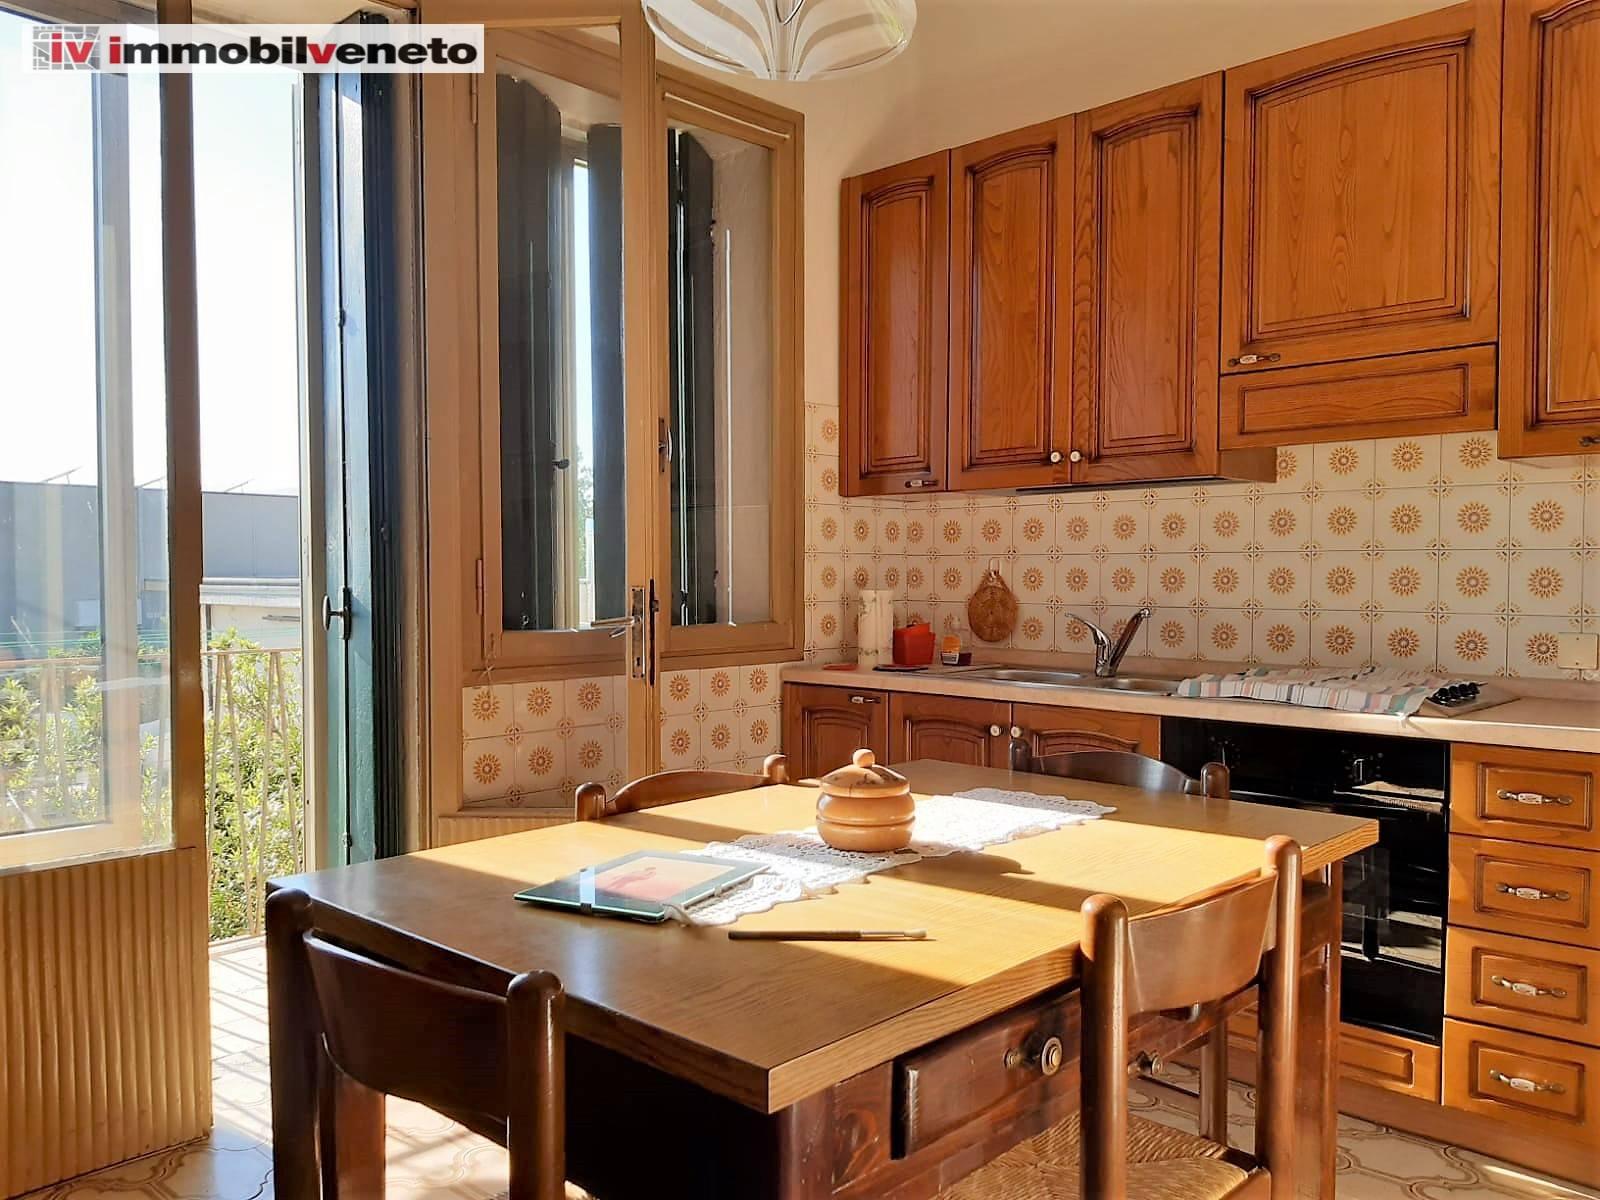 Appartamento in vendita a Campiglia dei Berici, 6 locali, prezzo € 55.000 | PortaleAgenzieImmobiliari.it